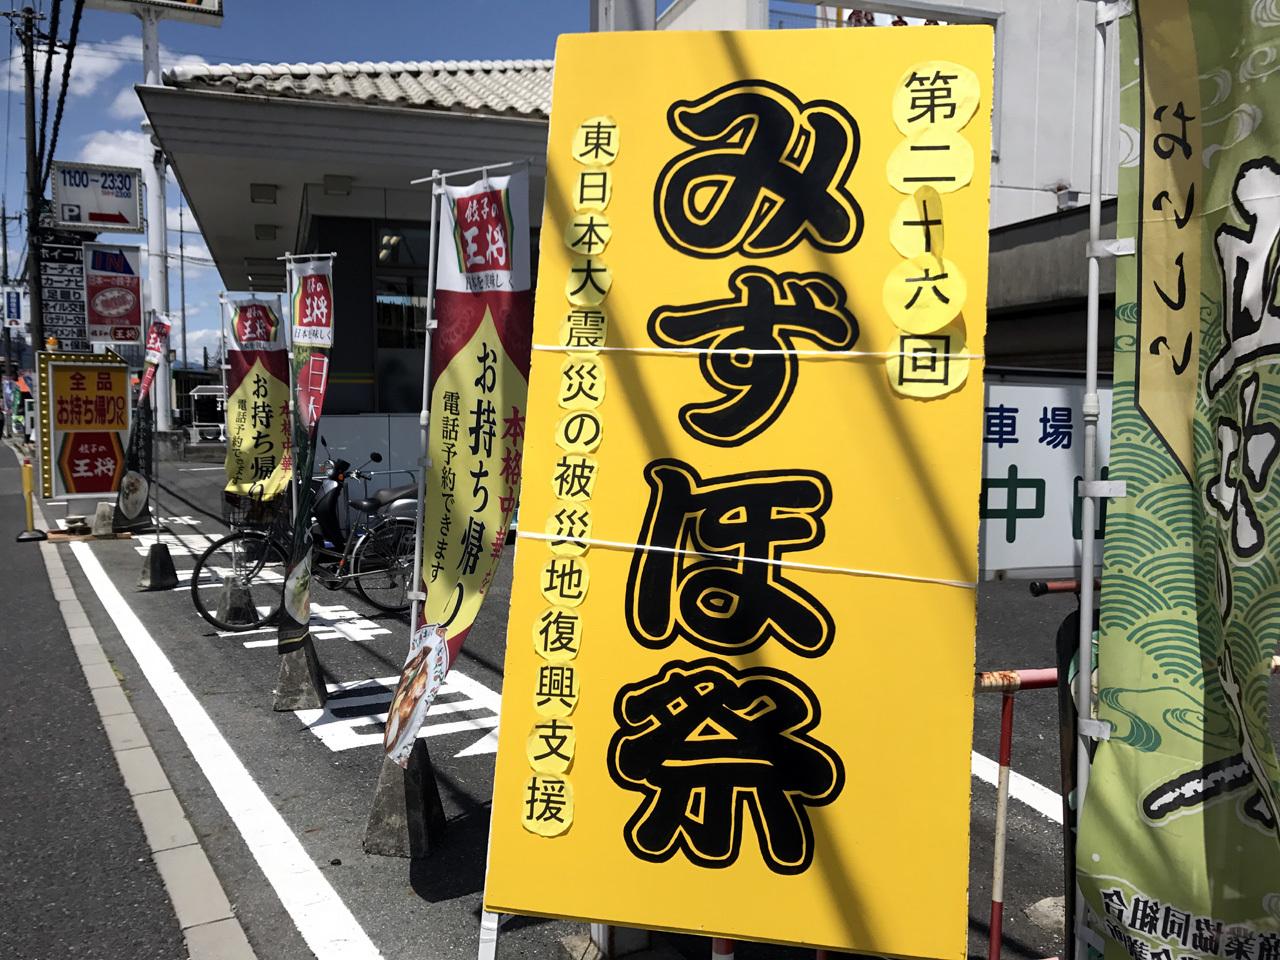 17mizuho9618.jpg